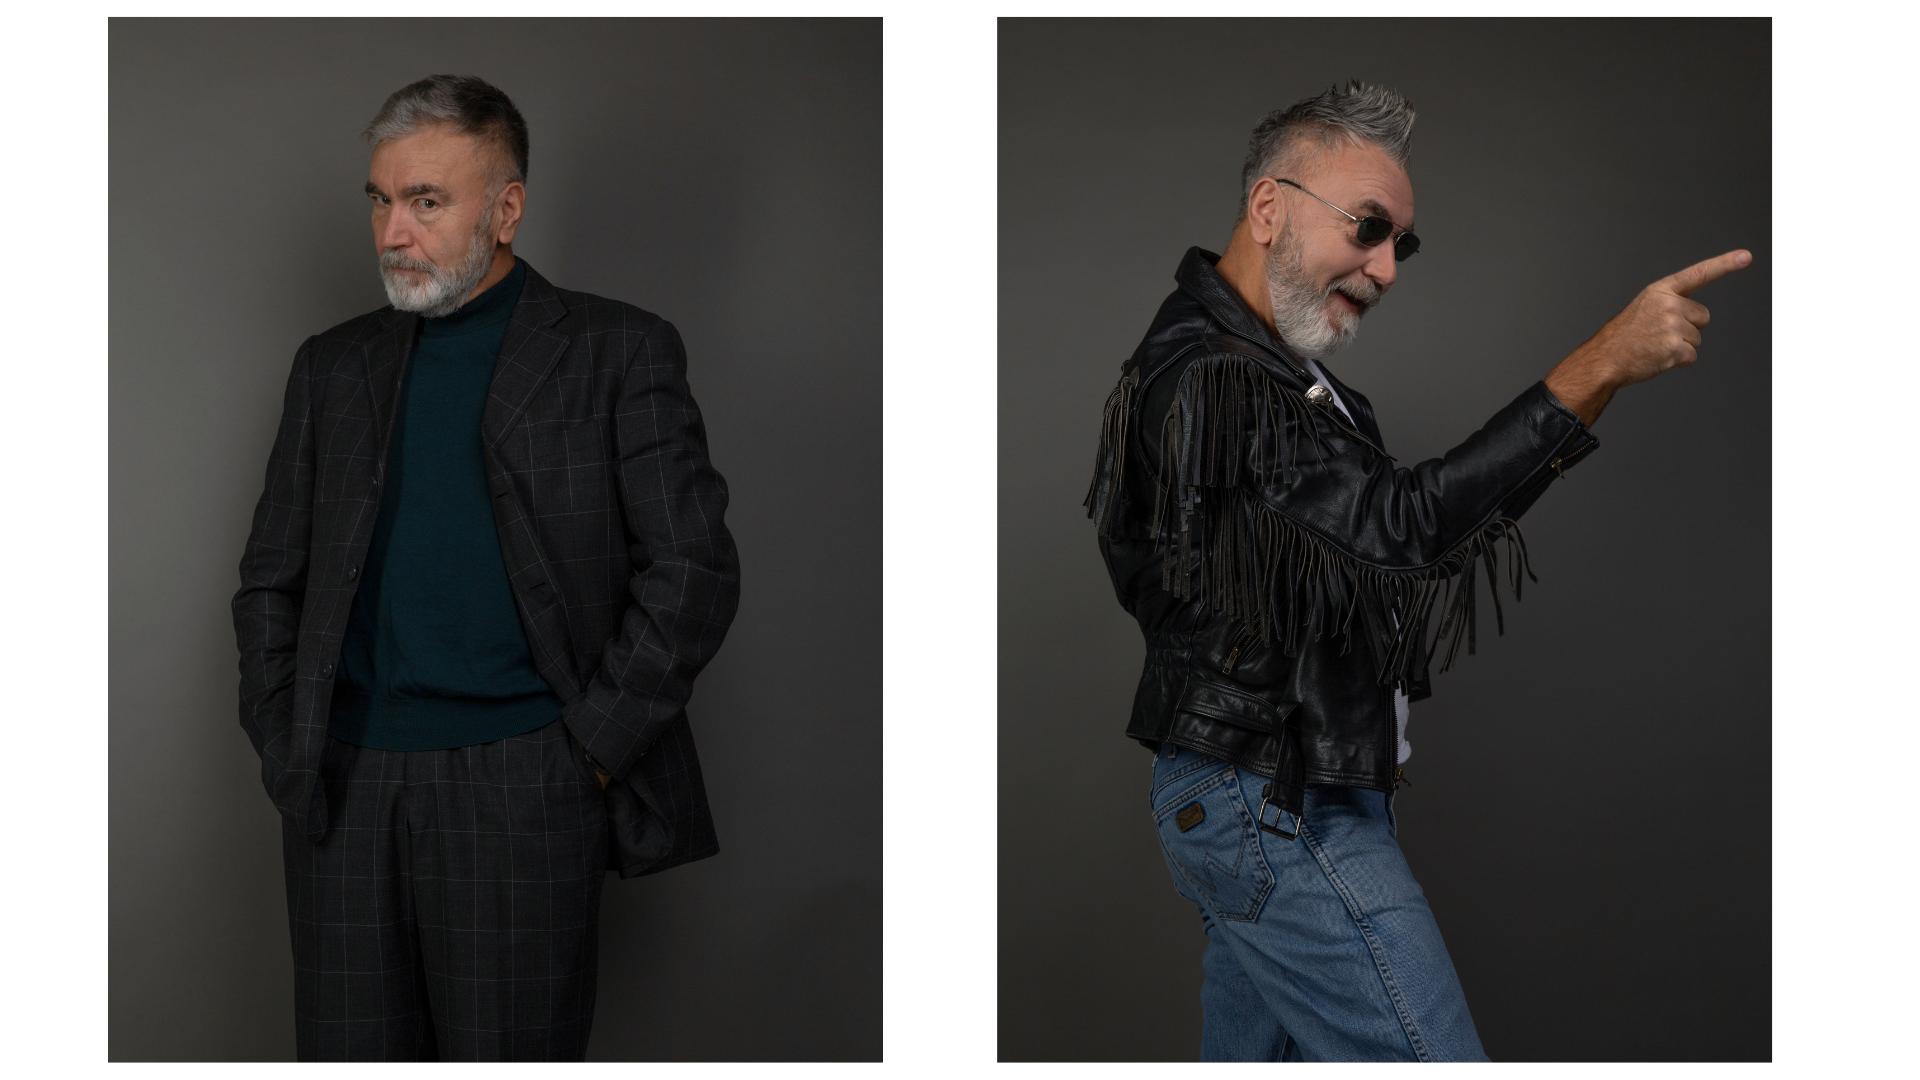 Культурний код: інтерв'ю з людьми поважного віку, які ламають суспільні стереотипи-Фото 3